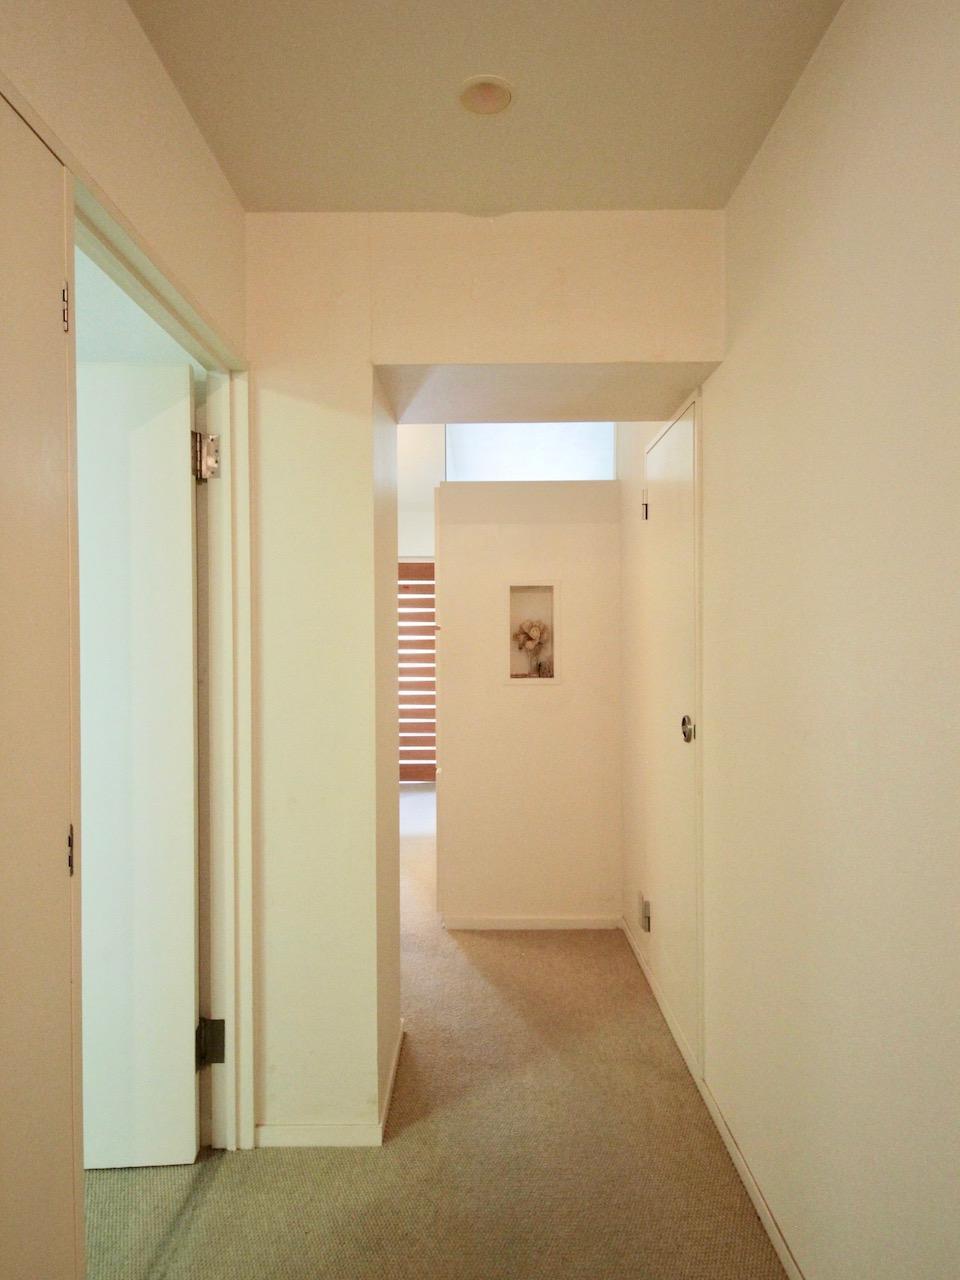 リビングからの光が廊下にふんわり届く